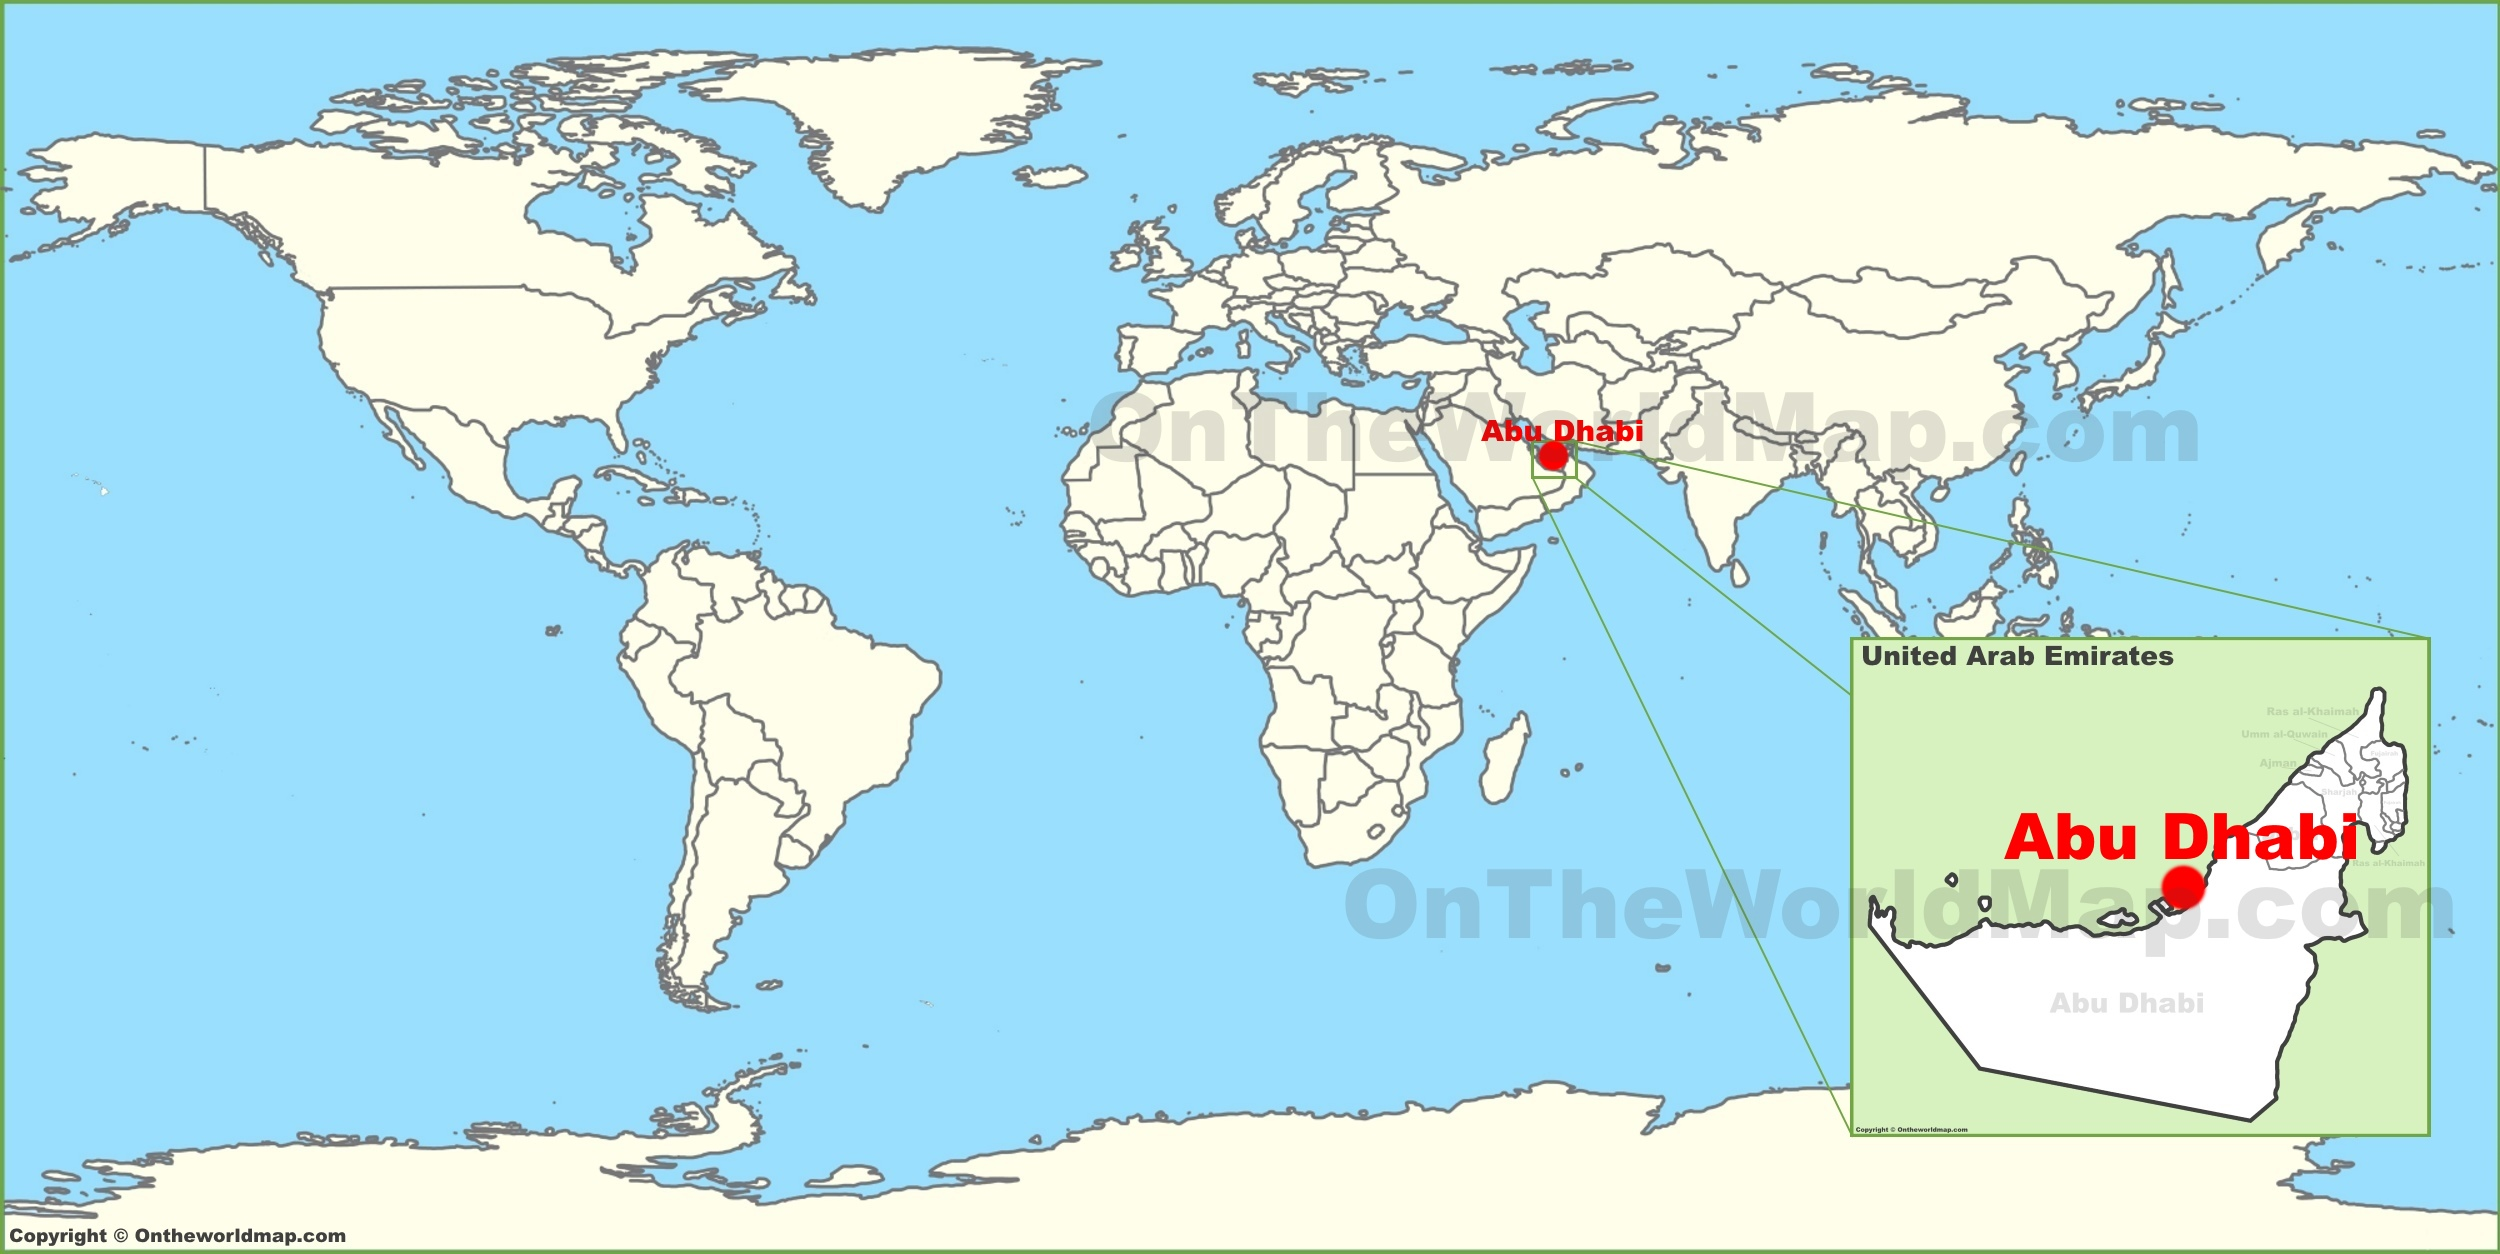 Map Of Abu Dhabi Abu Dhabi on the World Map